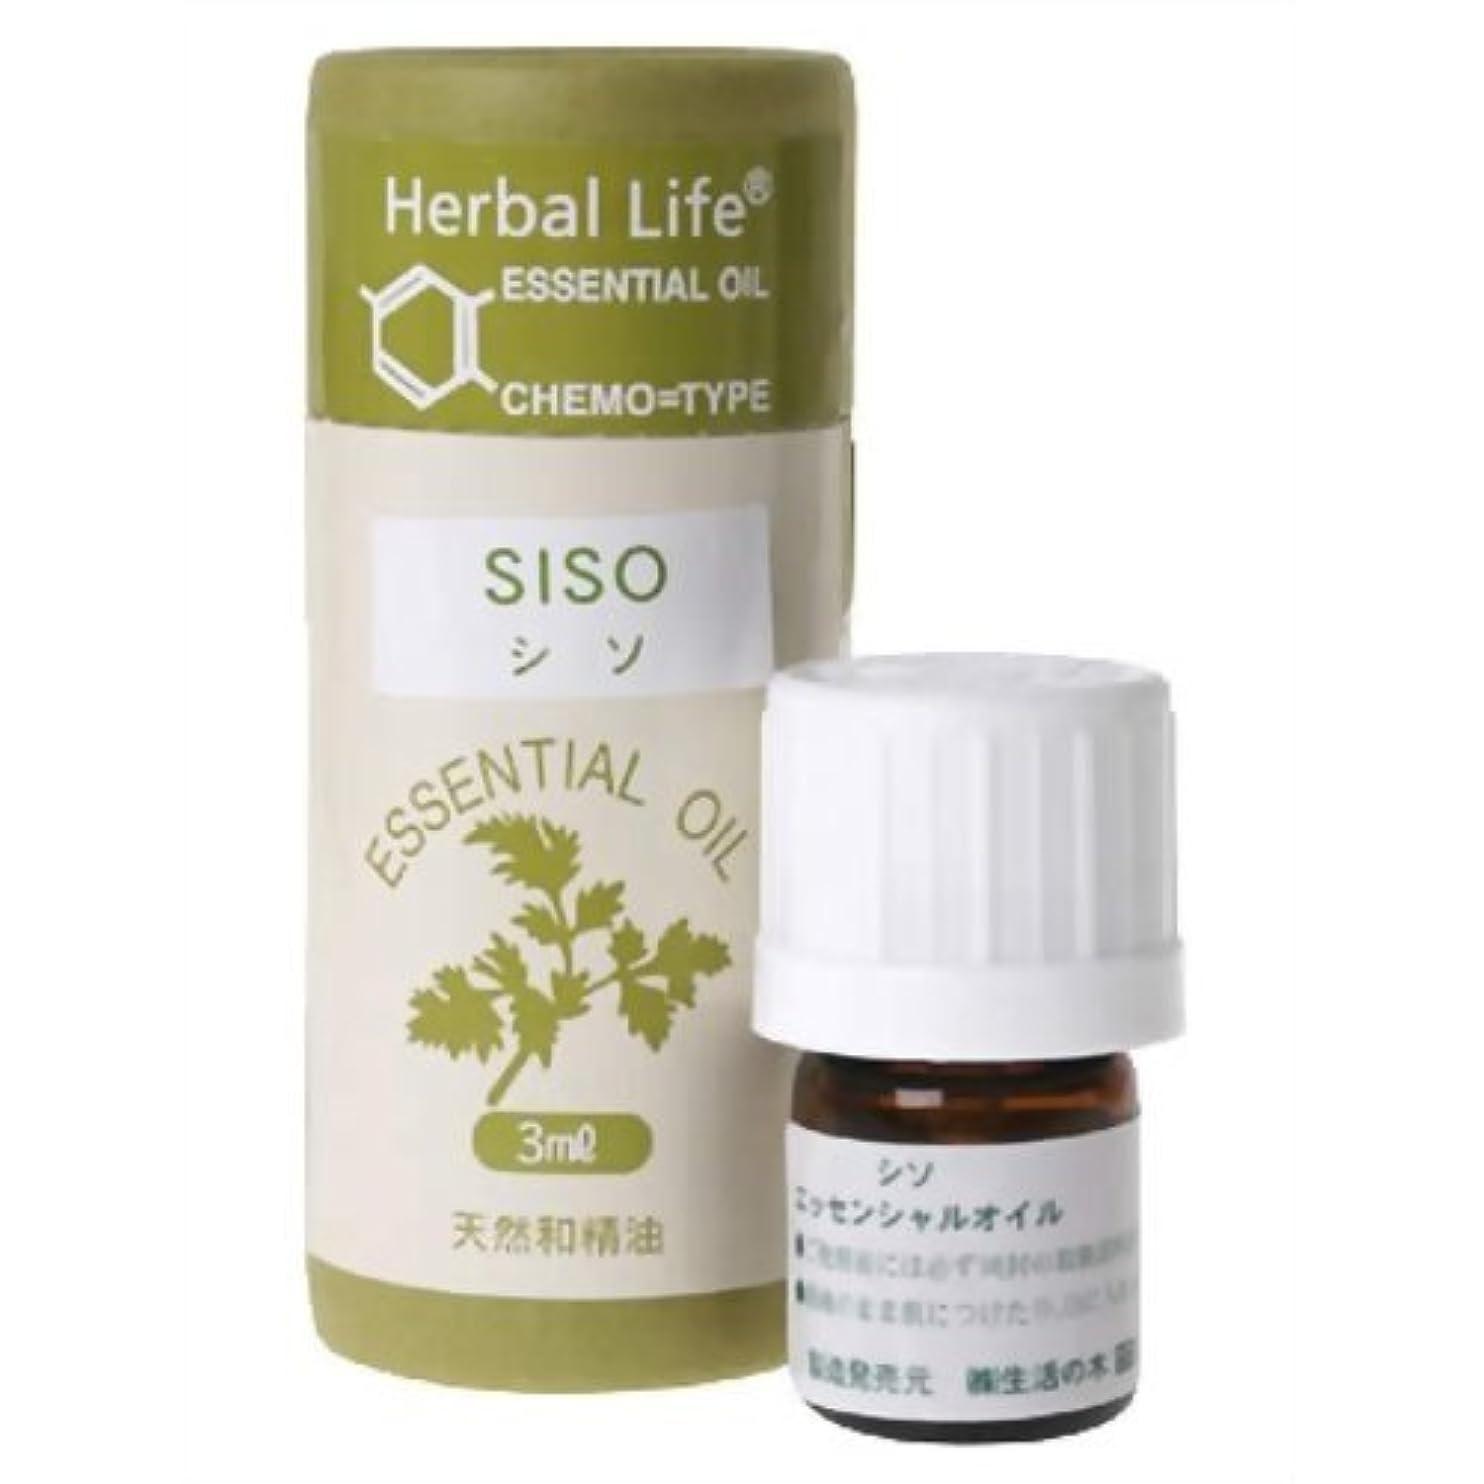 注釈ベジタリアン濃度生活の木 エッセンシャルオイル シソ 3ml 08-455-2390